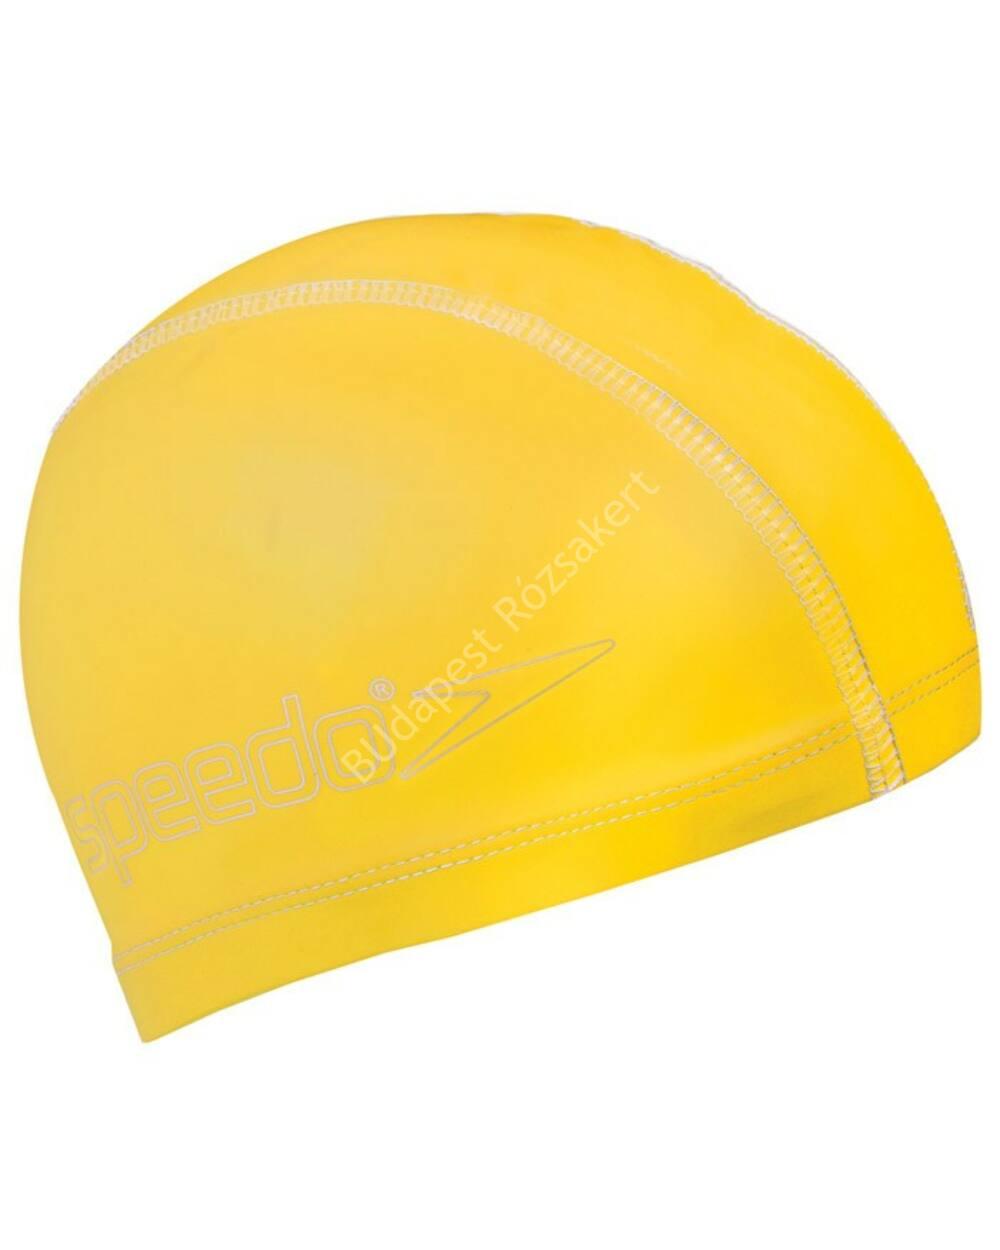 Speedo  Junior Pace Cap úszósapka, sárga